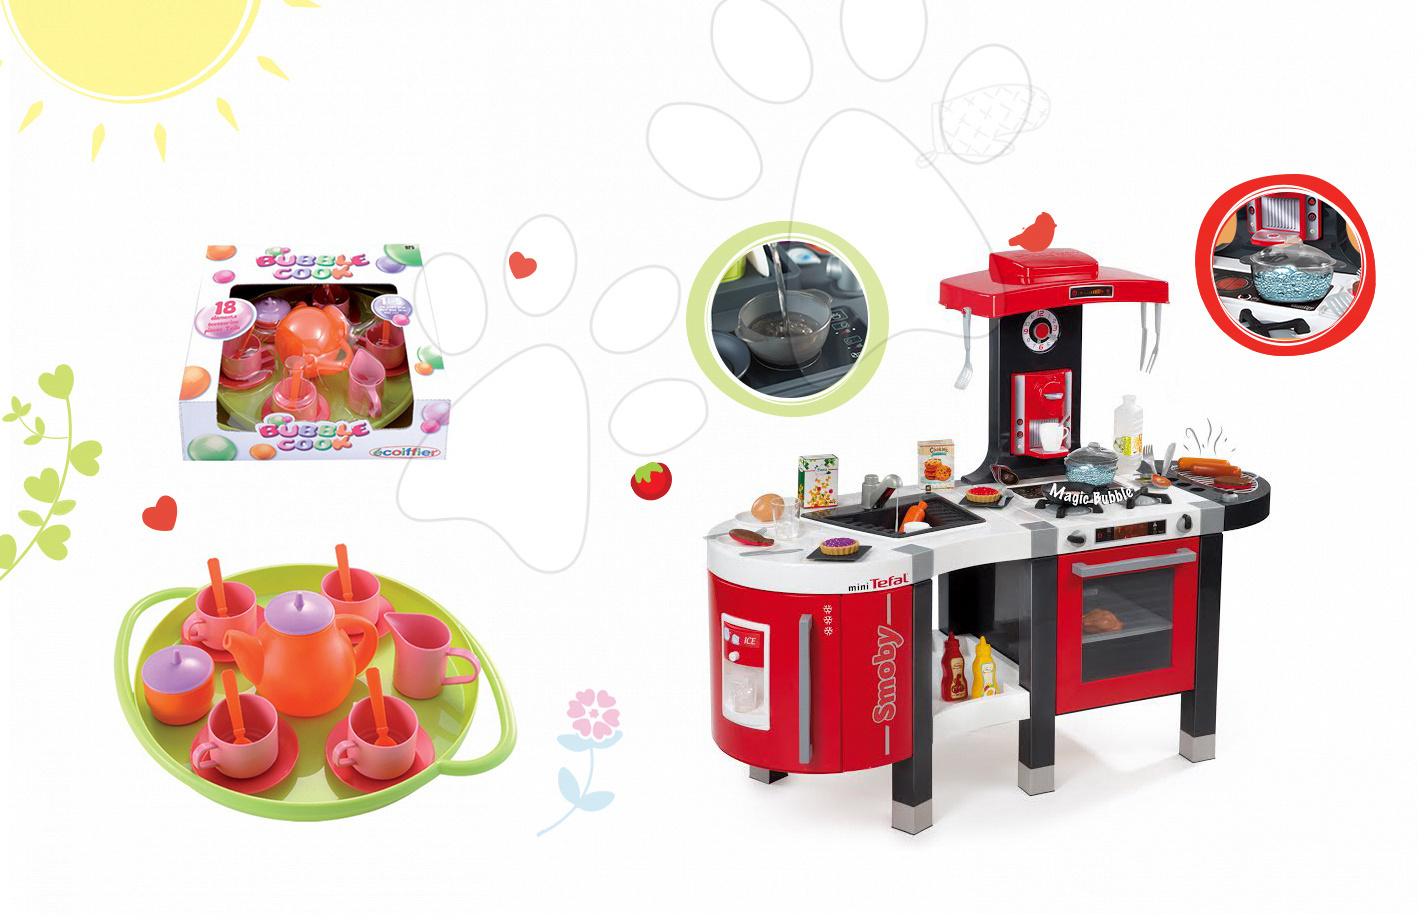 Kuchyňky pro děti sety - Set kuchyňka Tefal French Touch Bublinky&Voda Smoby s magickým bubláním a čajová sada Bubble Cook